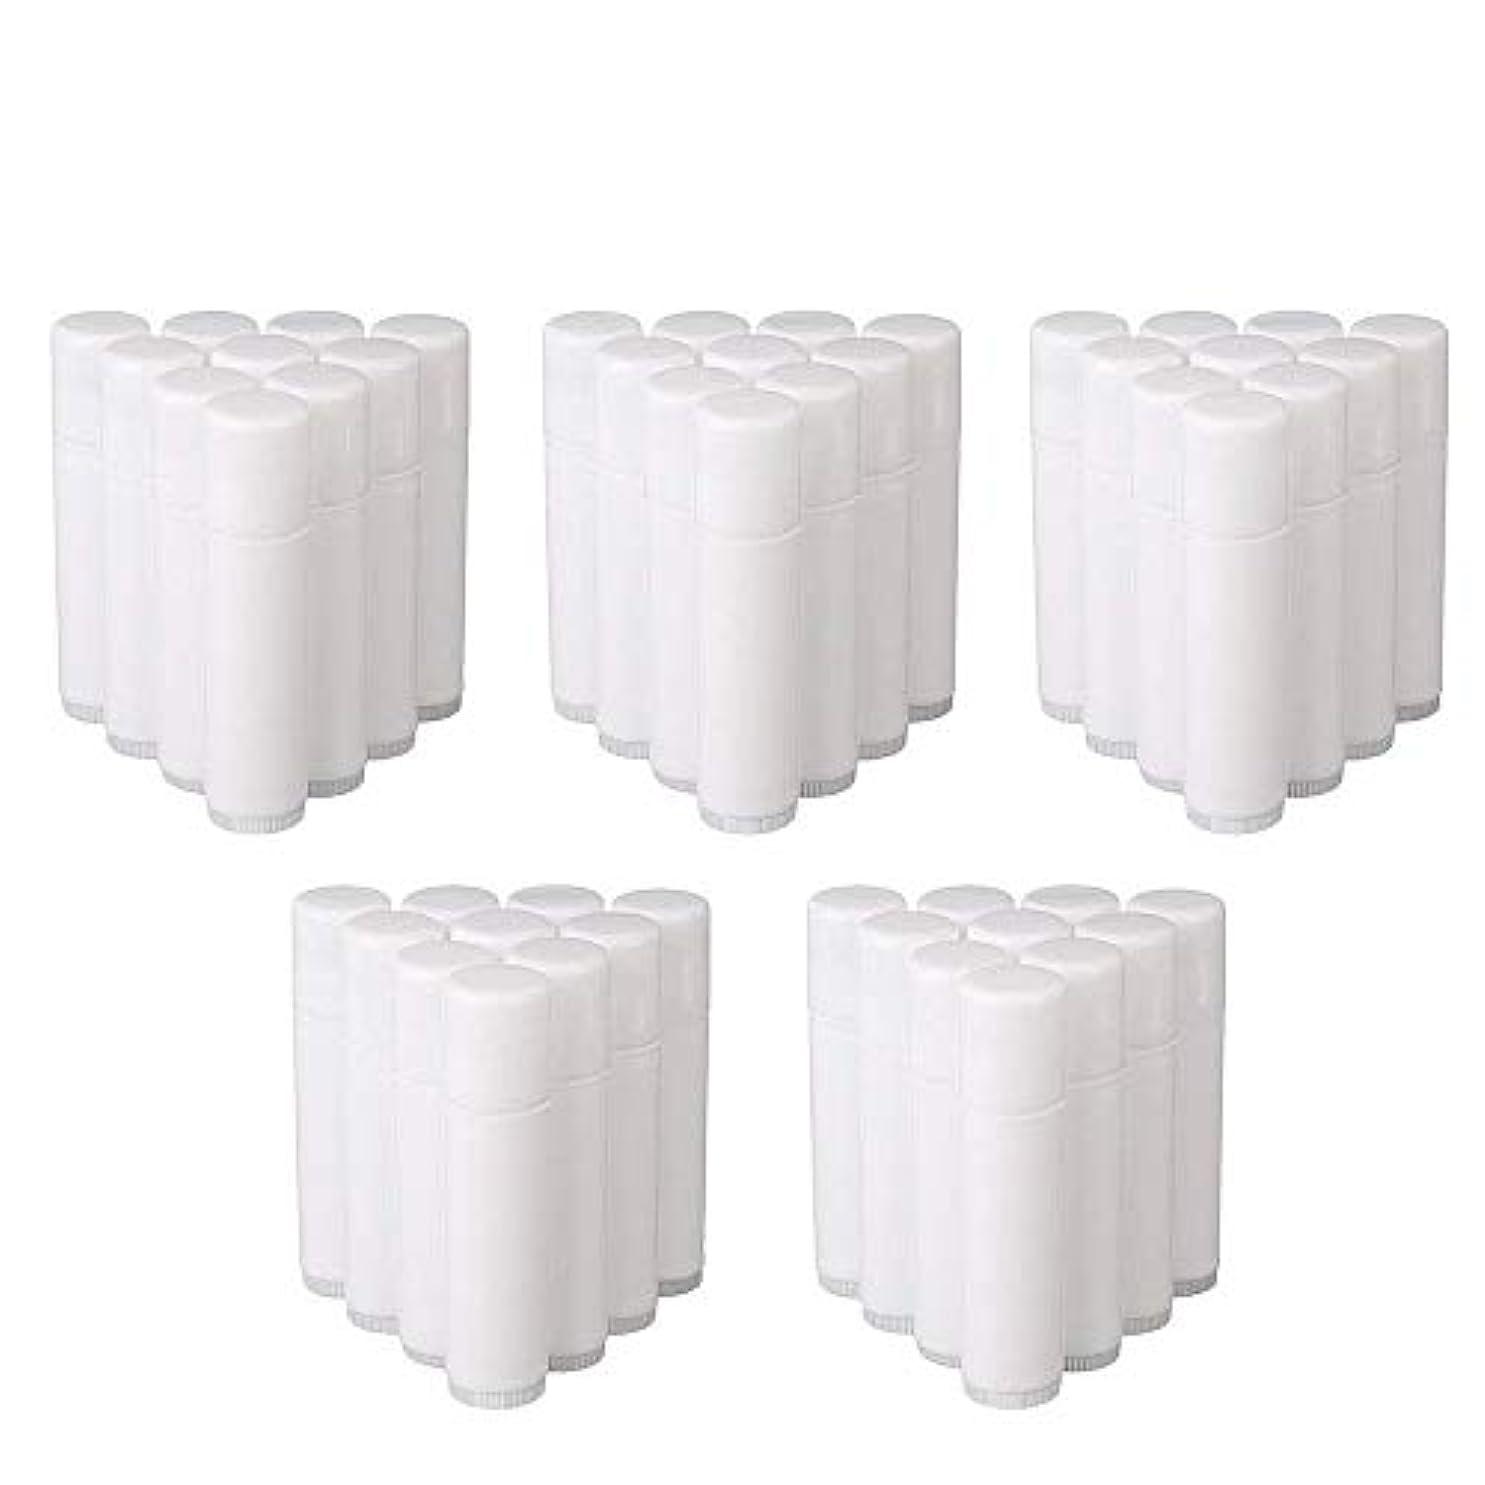 欠員勢い故障COOLBOTANG リップバームチューブ リップクリーム 繰り出し ホワイト 手作りコスメ 手作り化粧品/リップクリーム 50個 5g ミニ 詰め替え容器